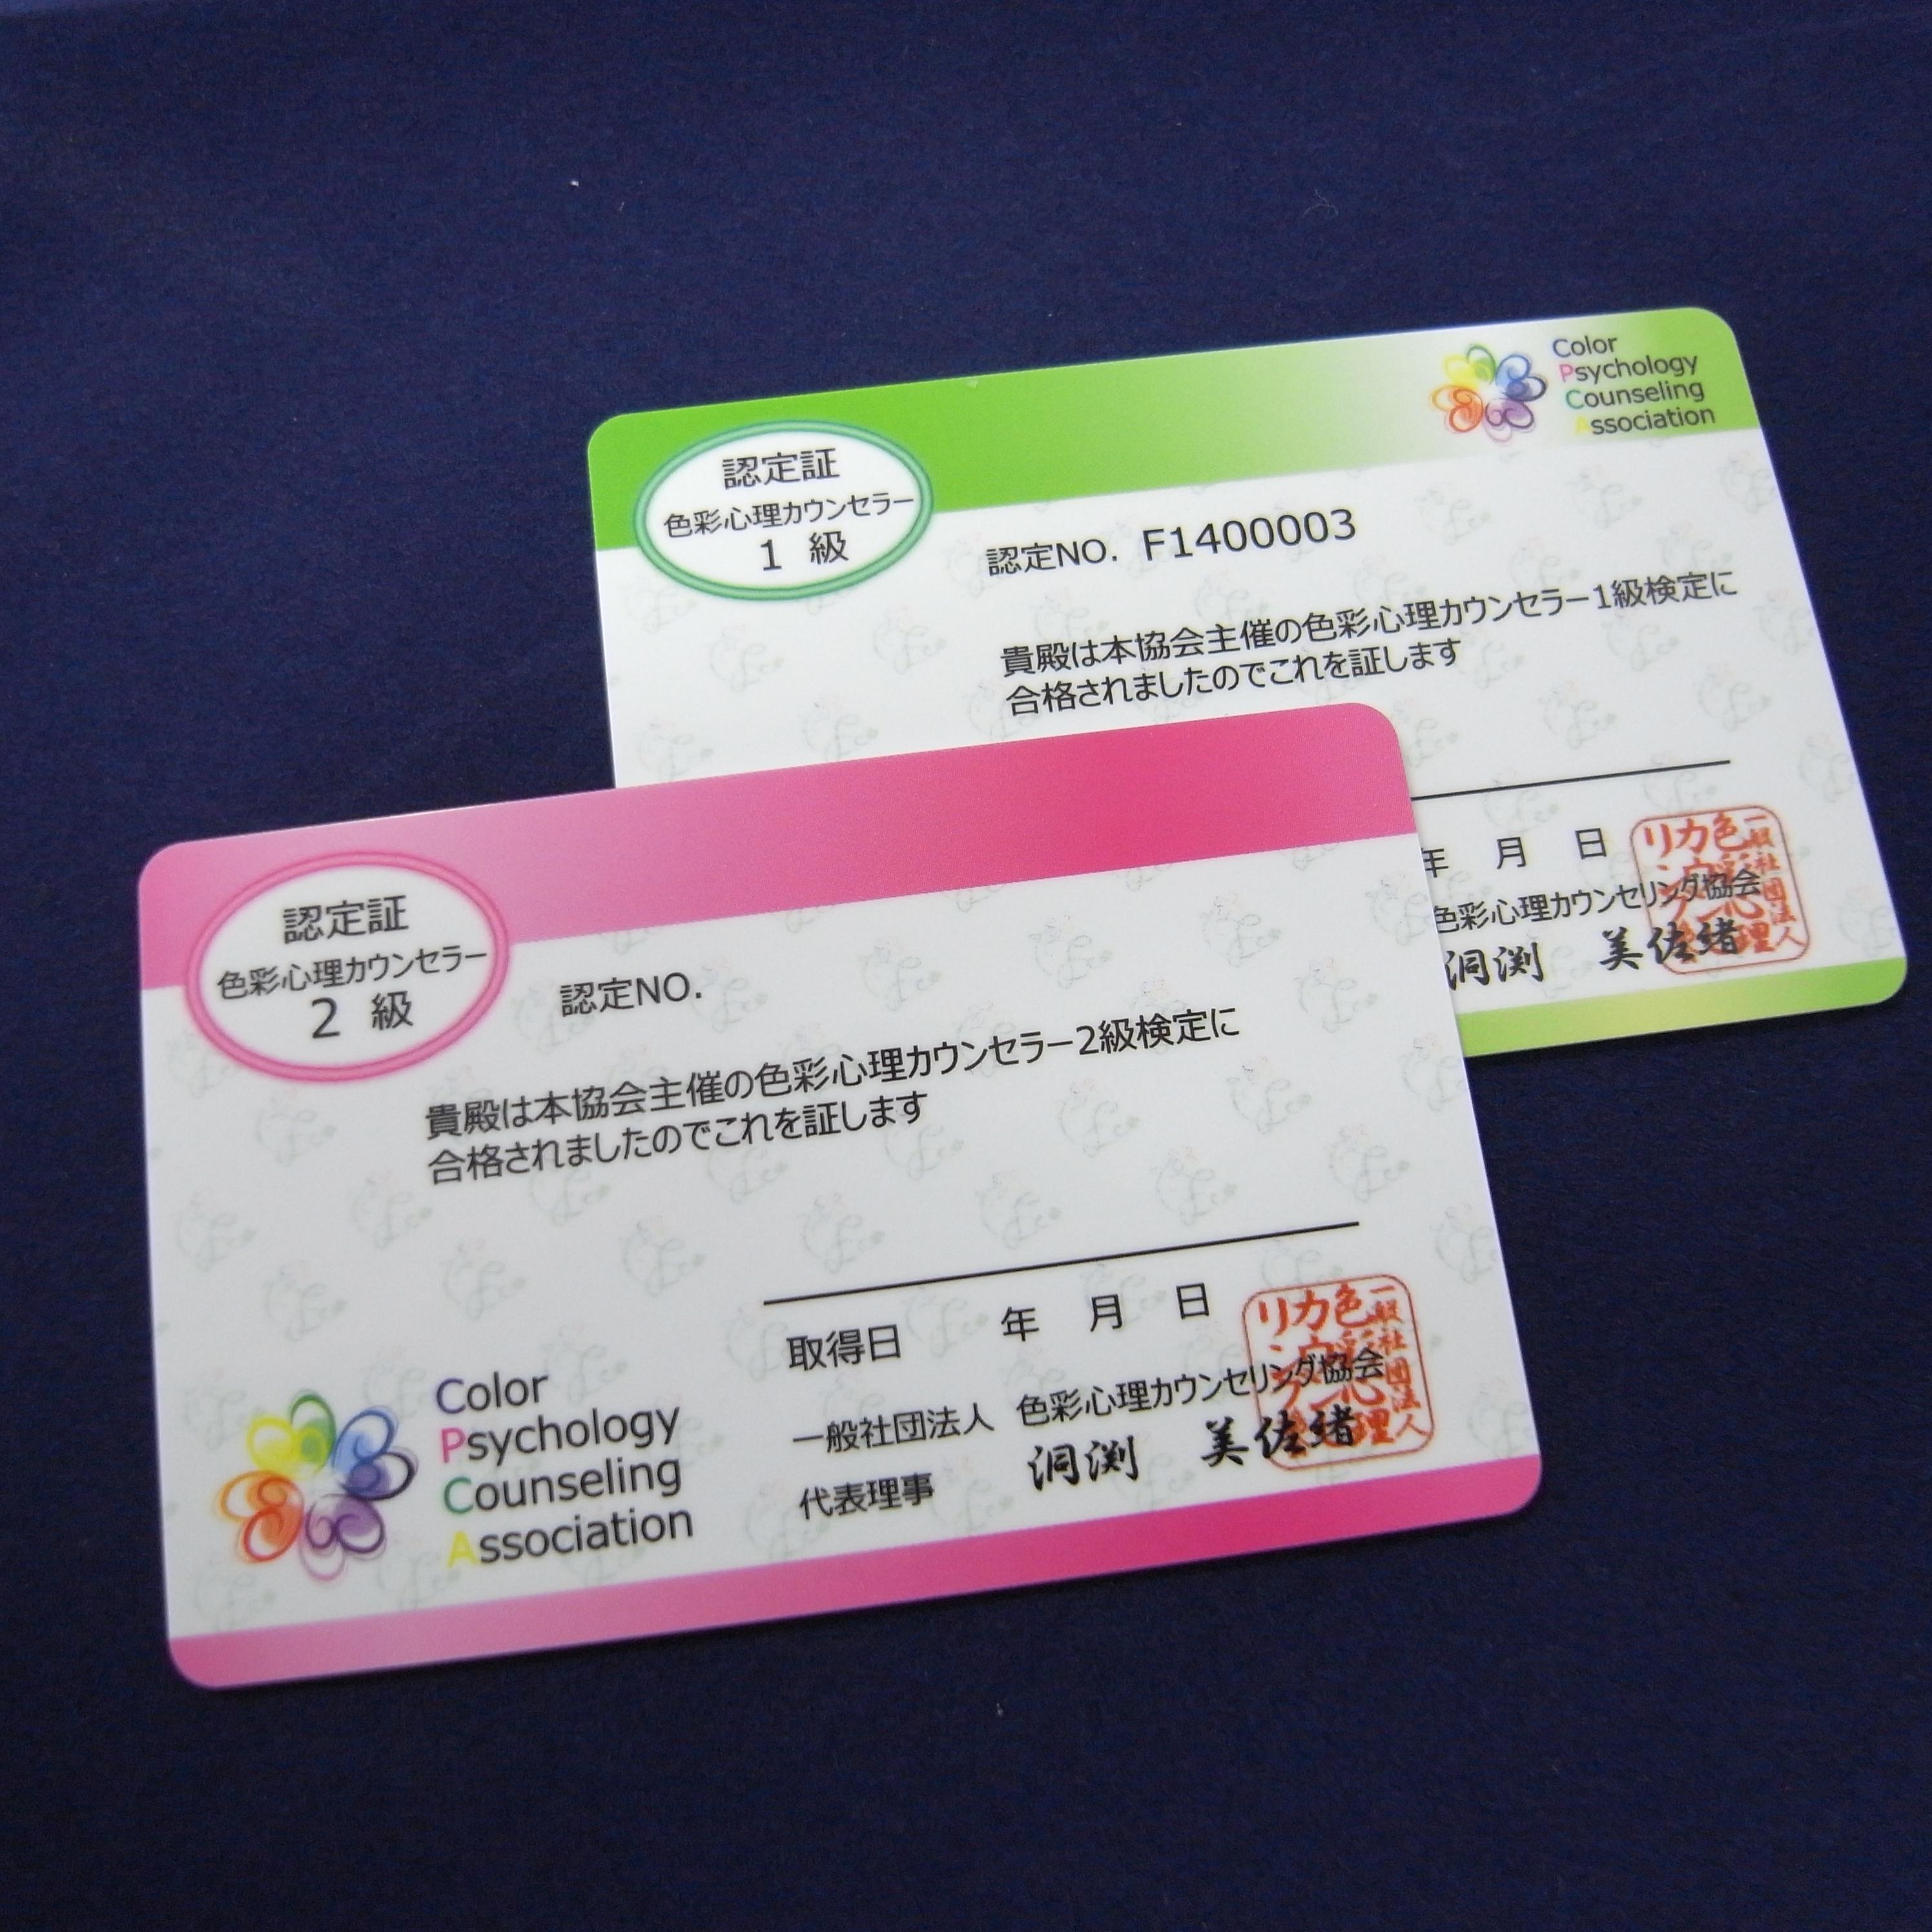 色彩心理カウンセリング協会認定証